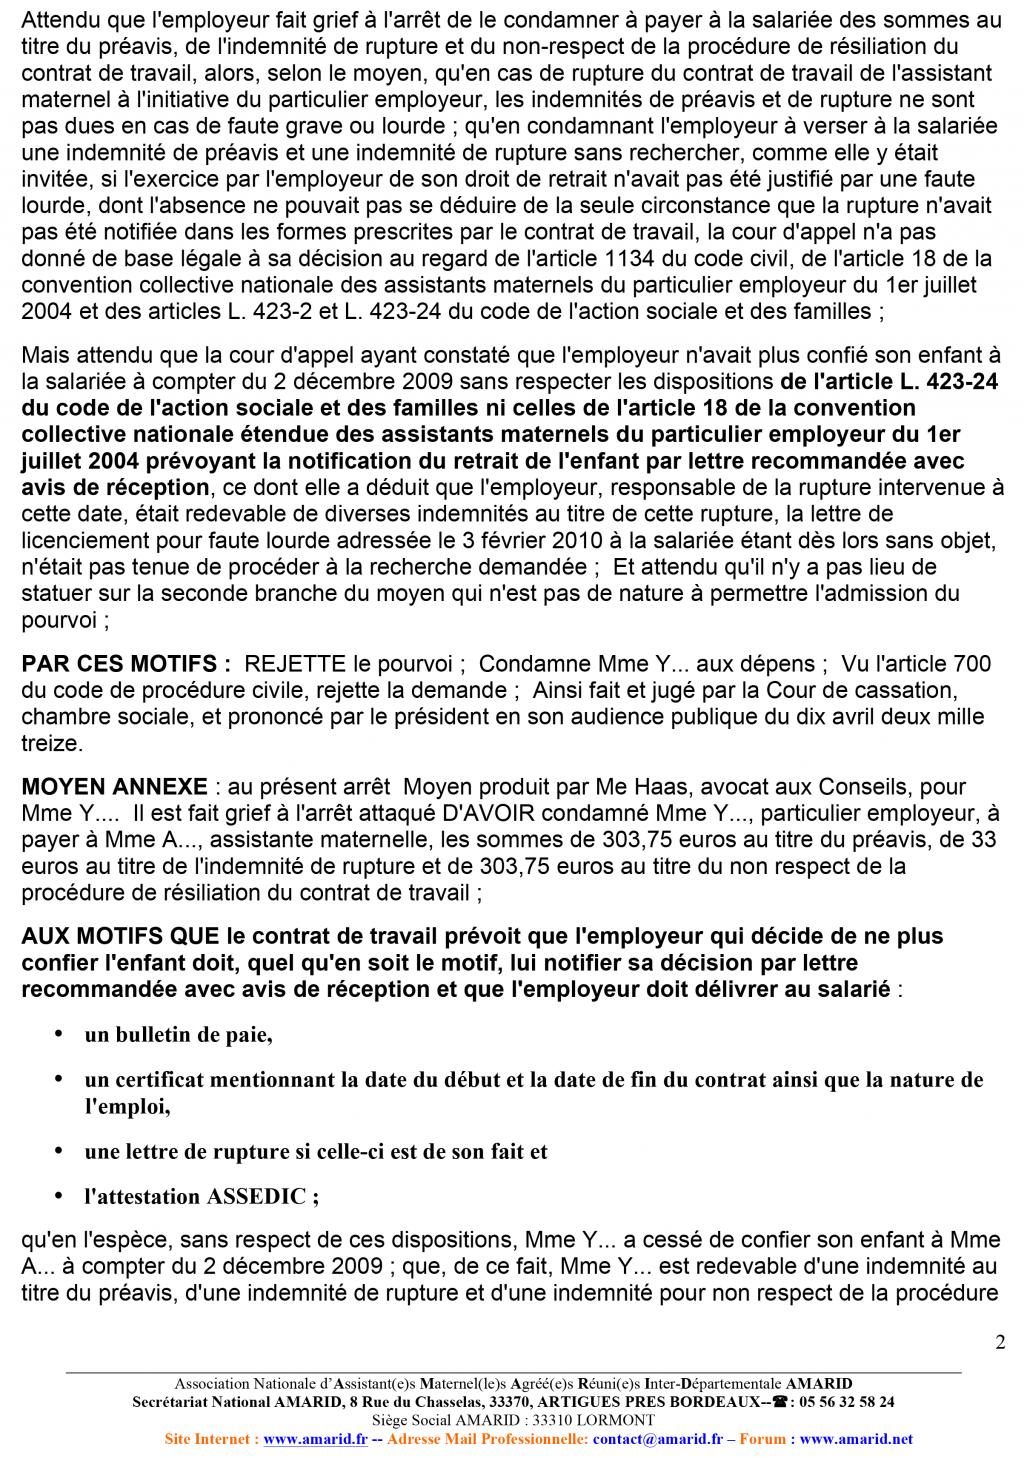 Conditions de retrait de l'enfant Retrait-enfant2-4423871